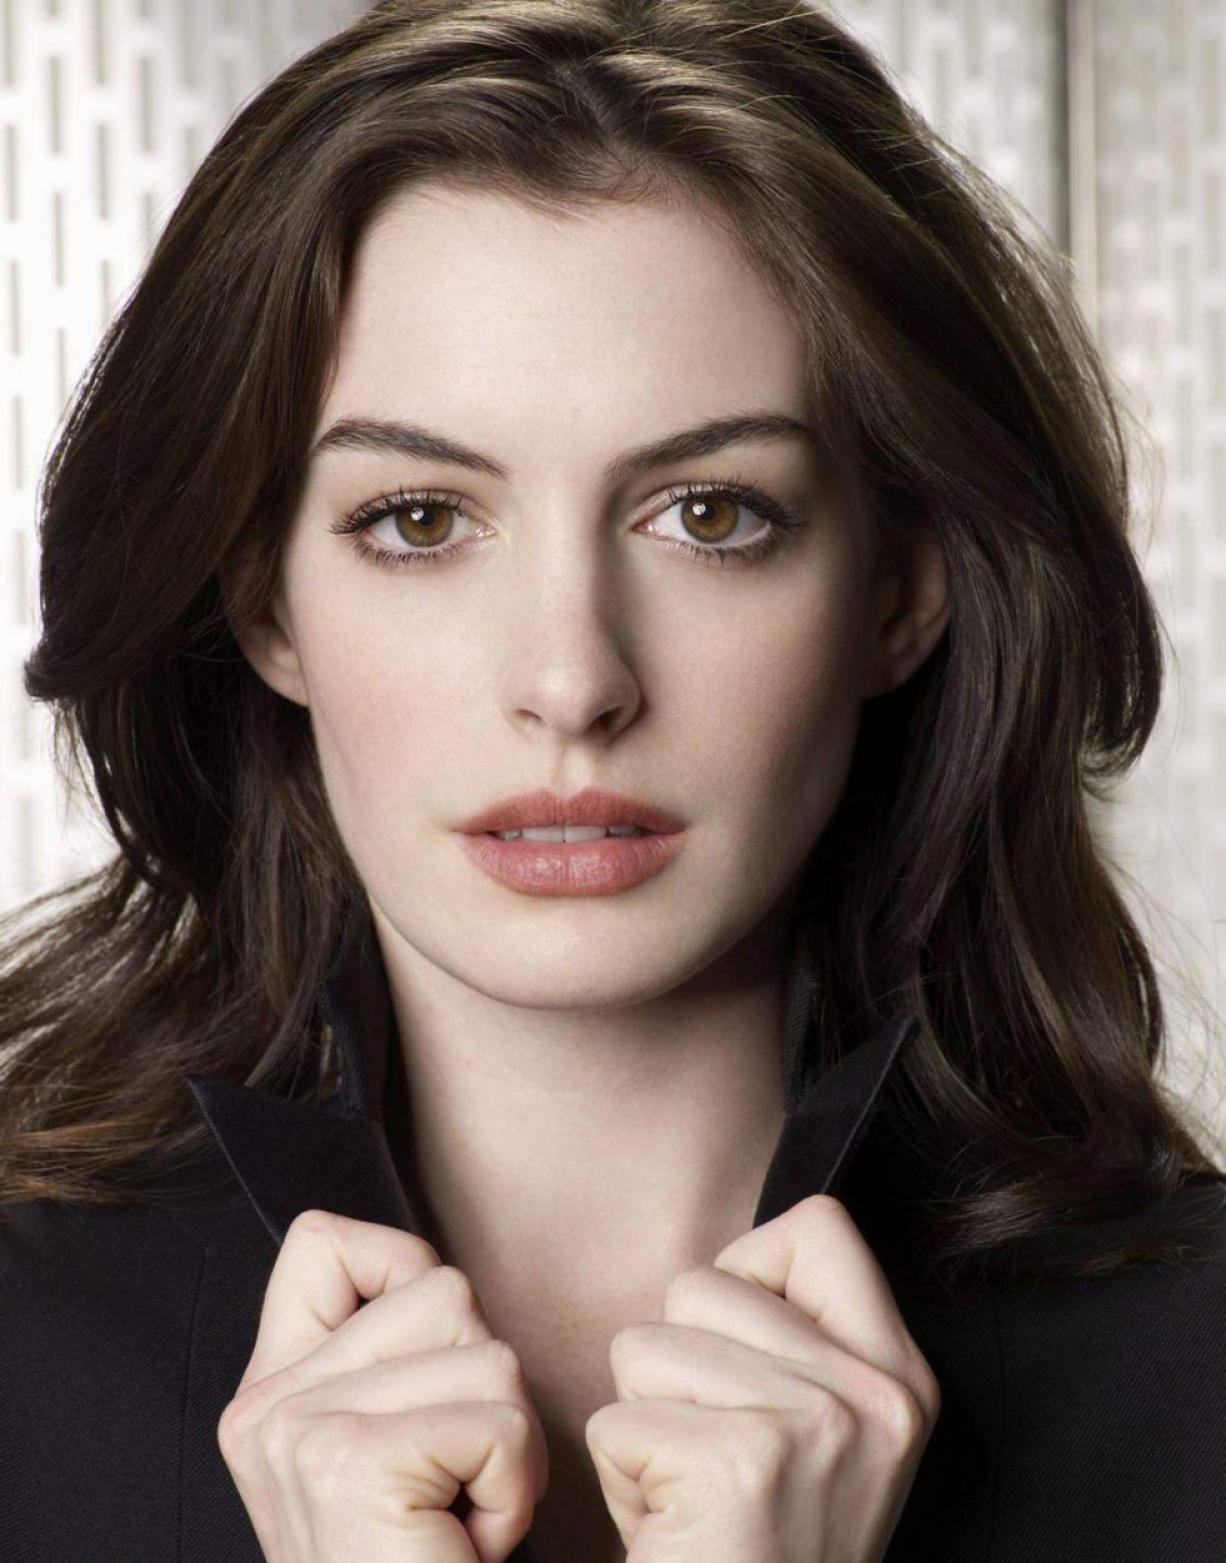 http://2.bp.blogspot.com/_UrdwnOFJcUA/TNX6eL0qFzI/AAAAAAAABks/YoiDs0qCTb4/s1600/Anne+Hathaway.jpg